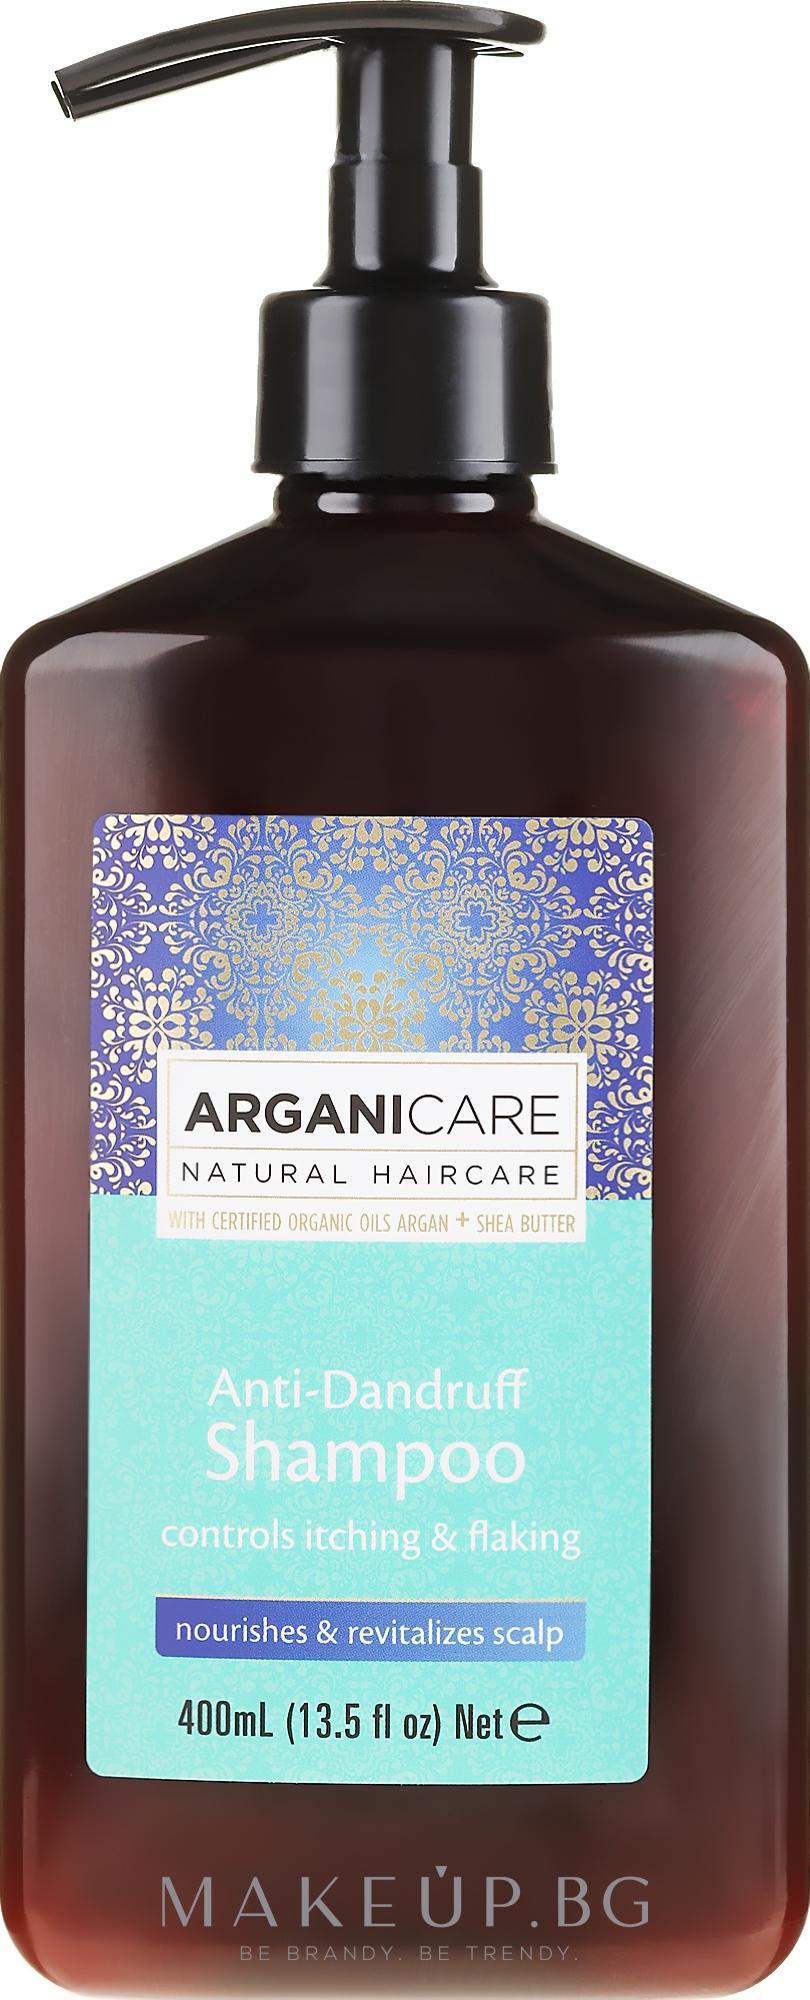 Шампоан против пърхот - Arganicare Shea Butter Anti-Dandruff Shampoo — снимка 400 ml